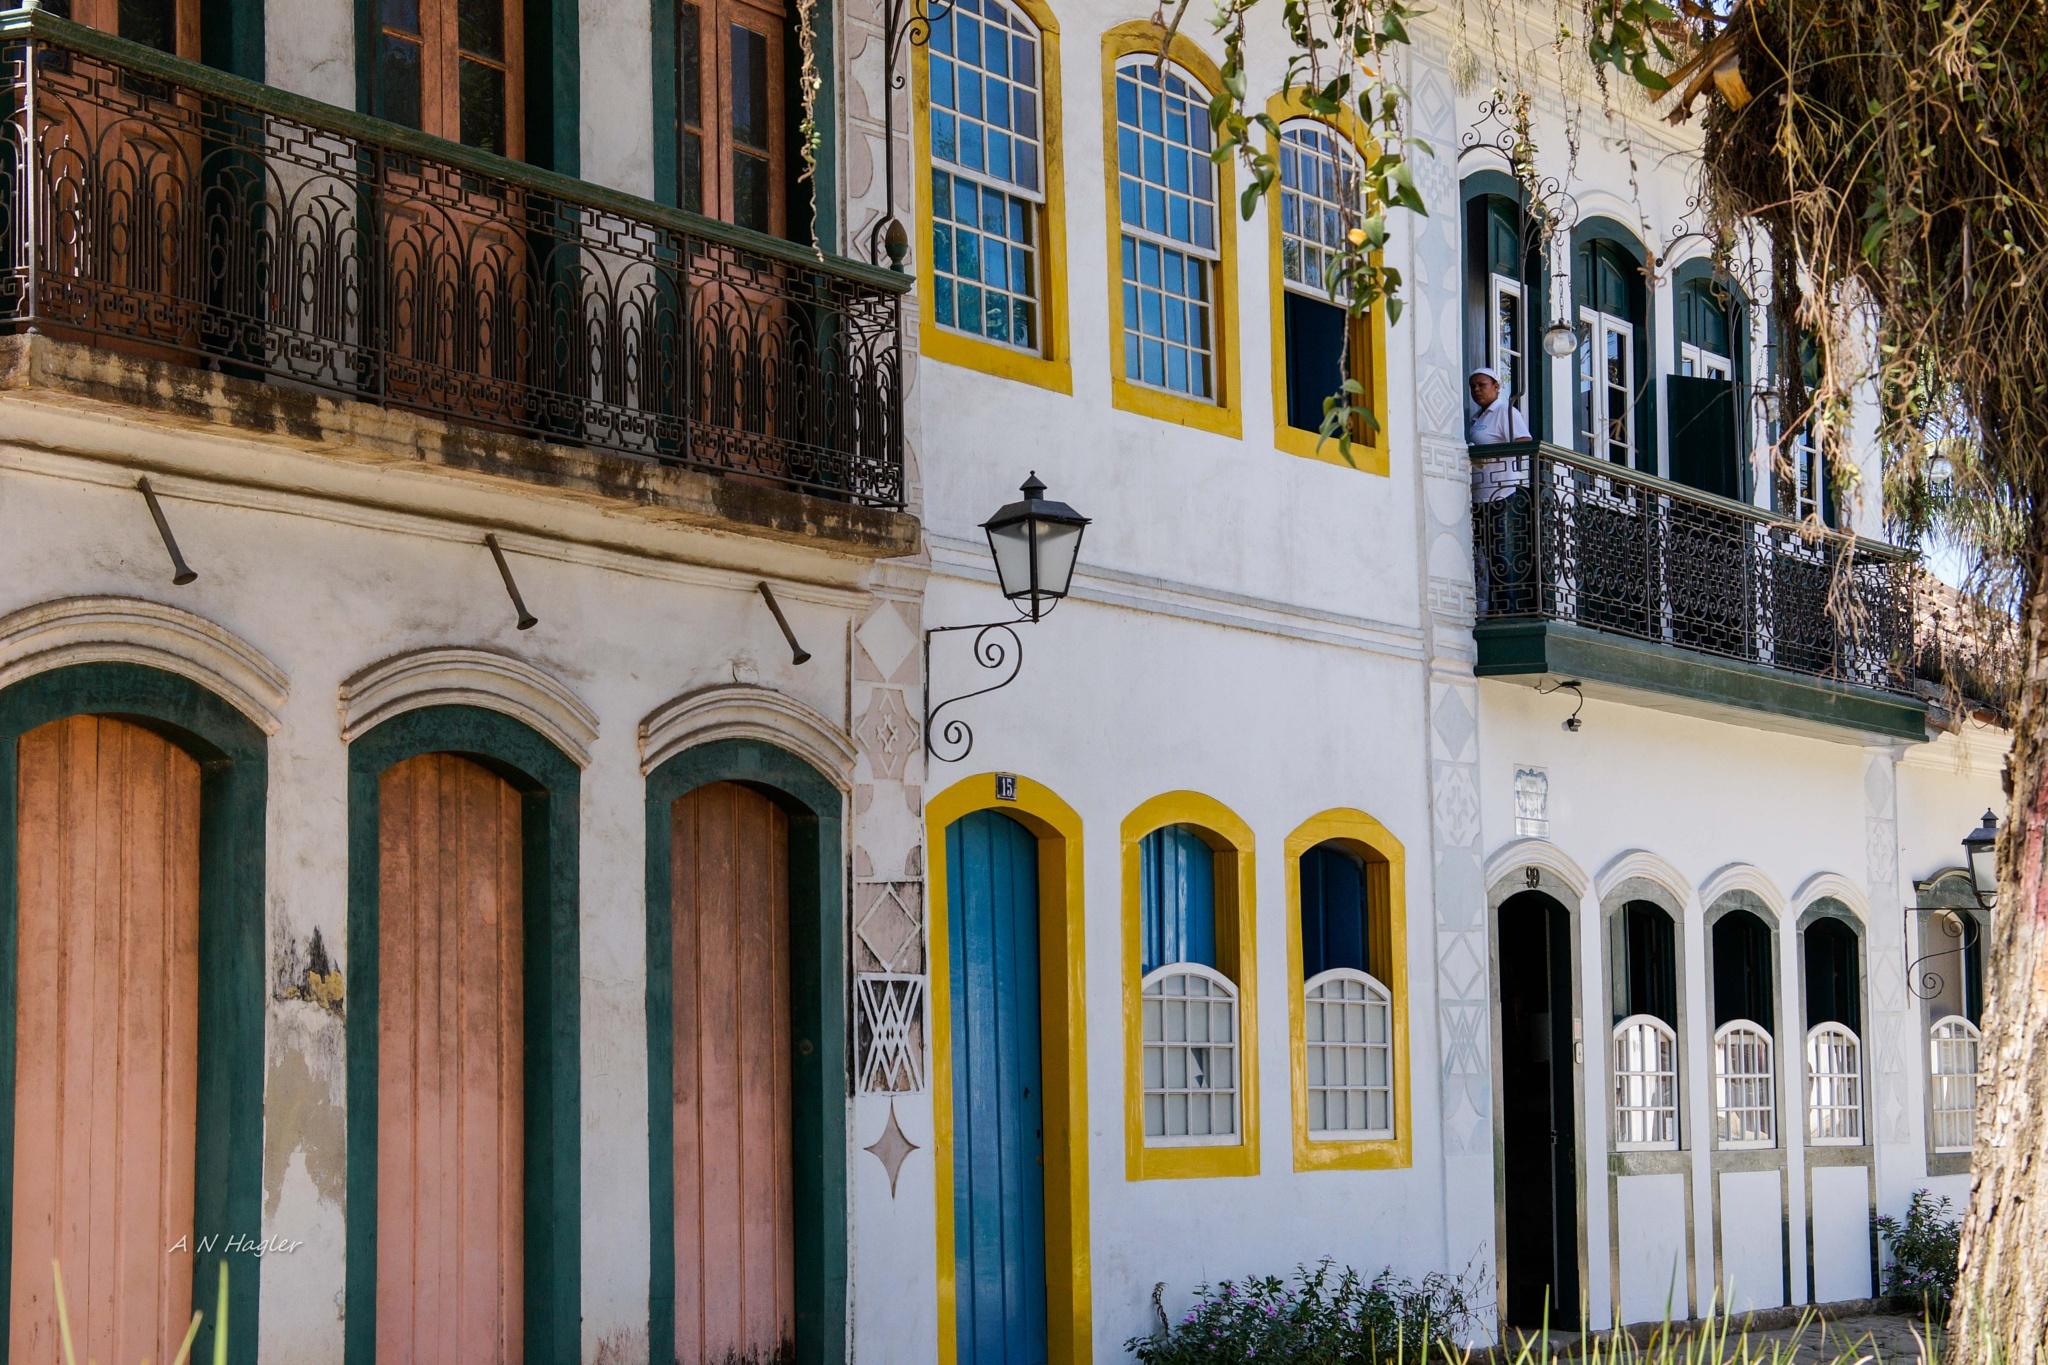 windows & doors by allenhagler59663852